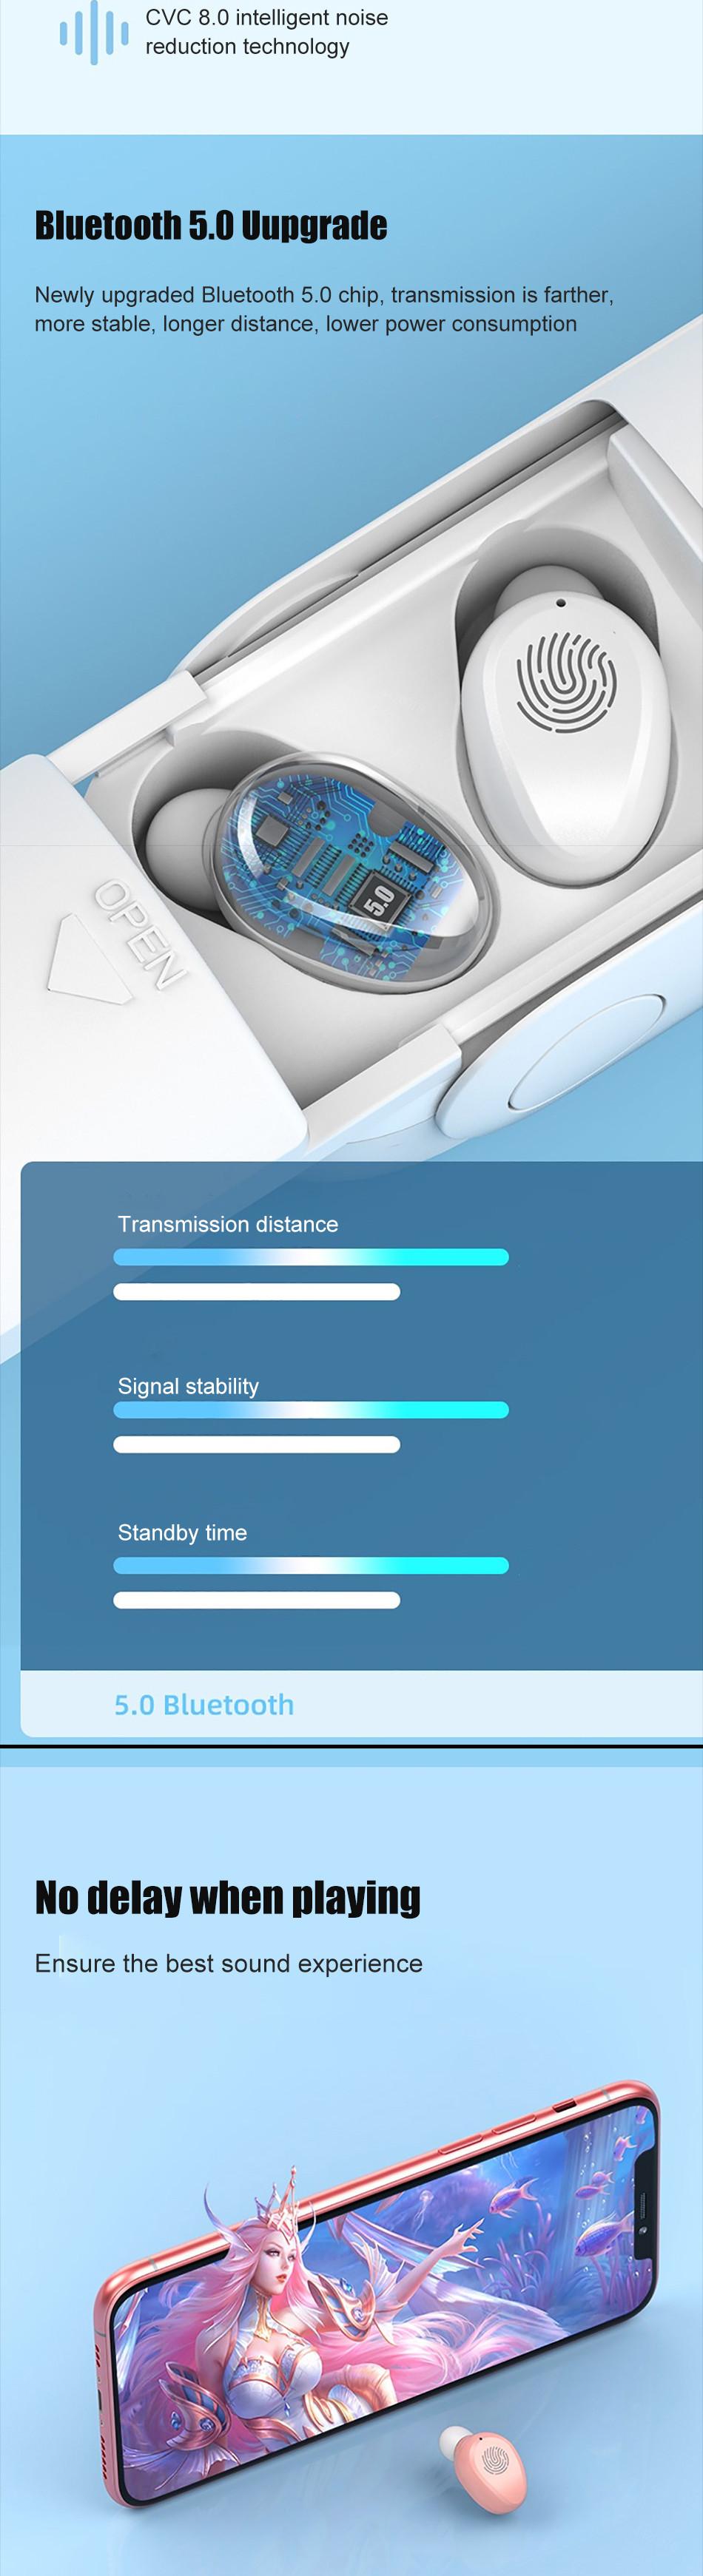 2020 New Arrival F7 Wireless Headphones TWS Sport Bluetooth 5.0 Earphones In-ear 9D Noise Reduction HiFi IPX5 Waterproof Headset 7